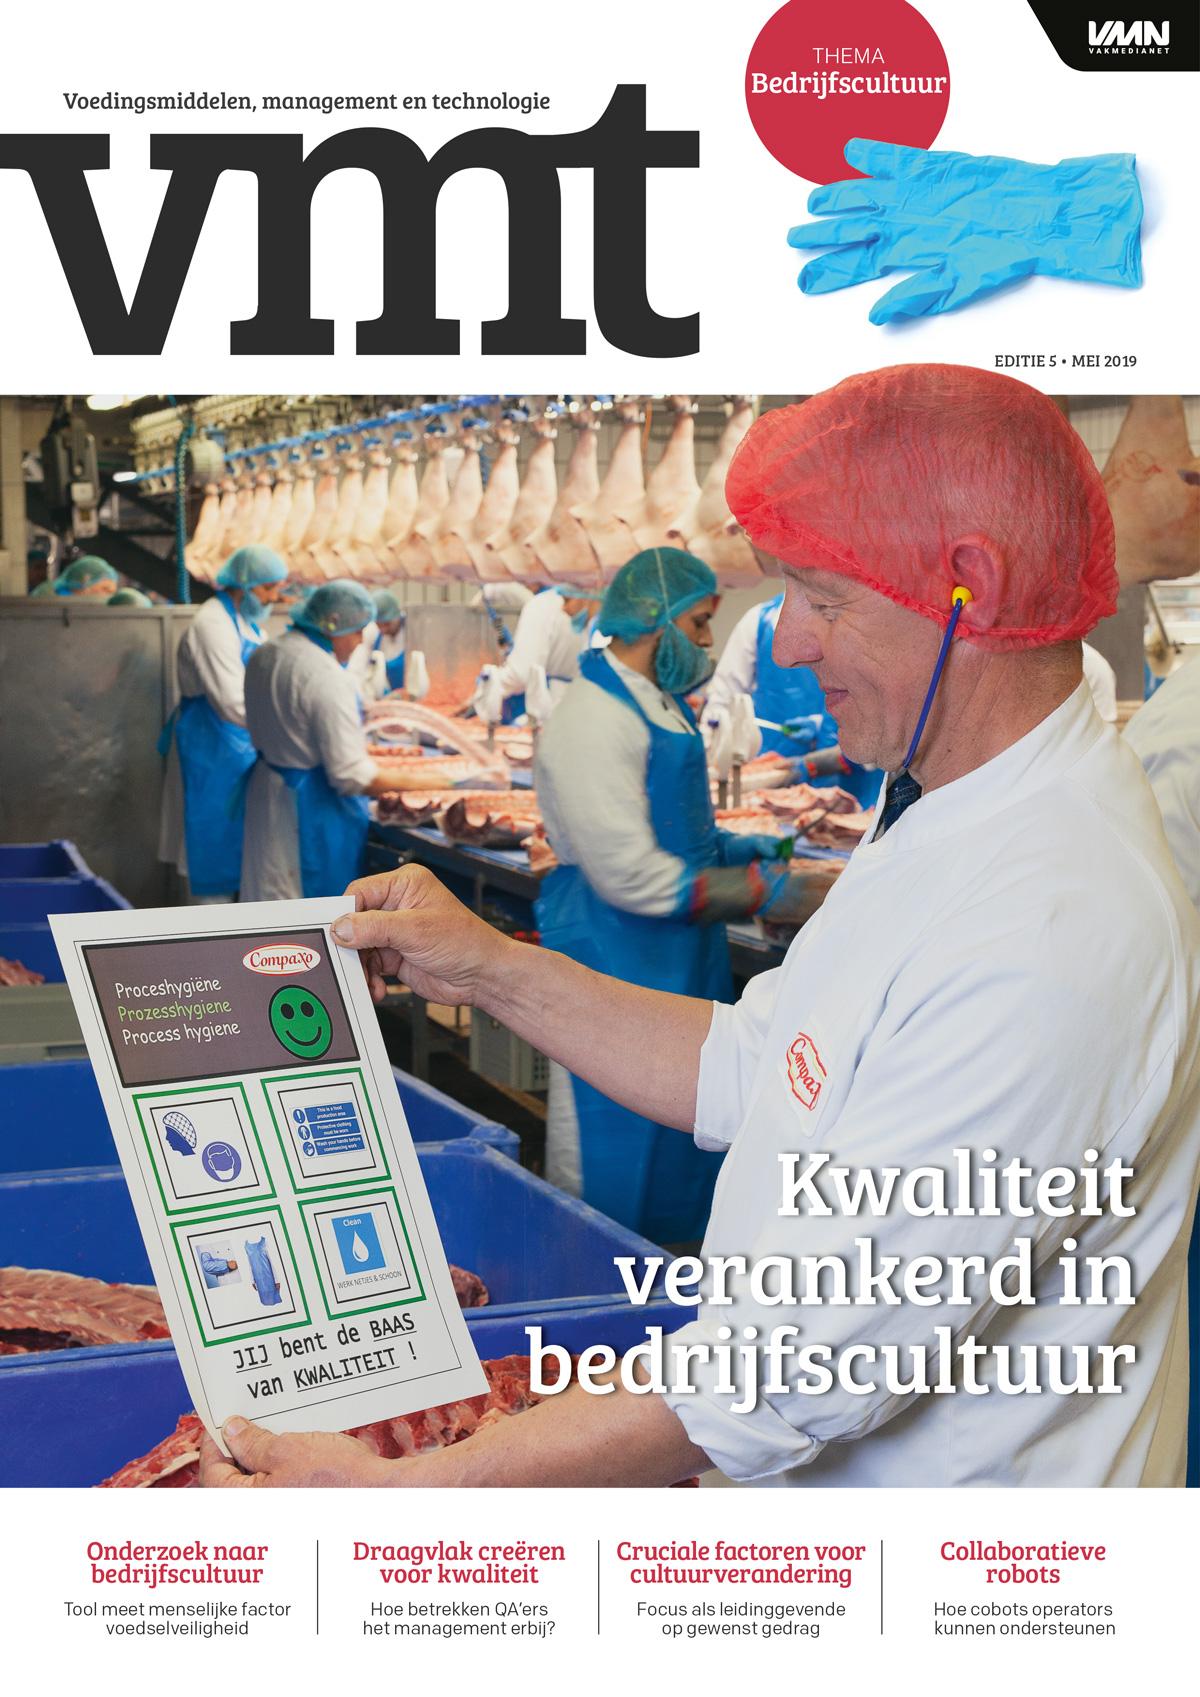 'Compaxo verankert voedselveiligheid in bedrijfscultuur'